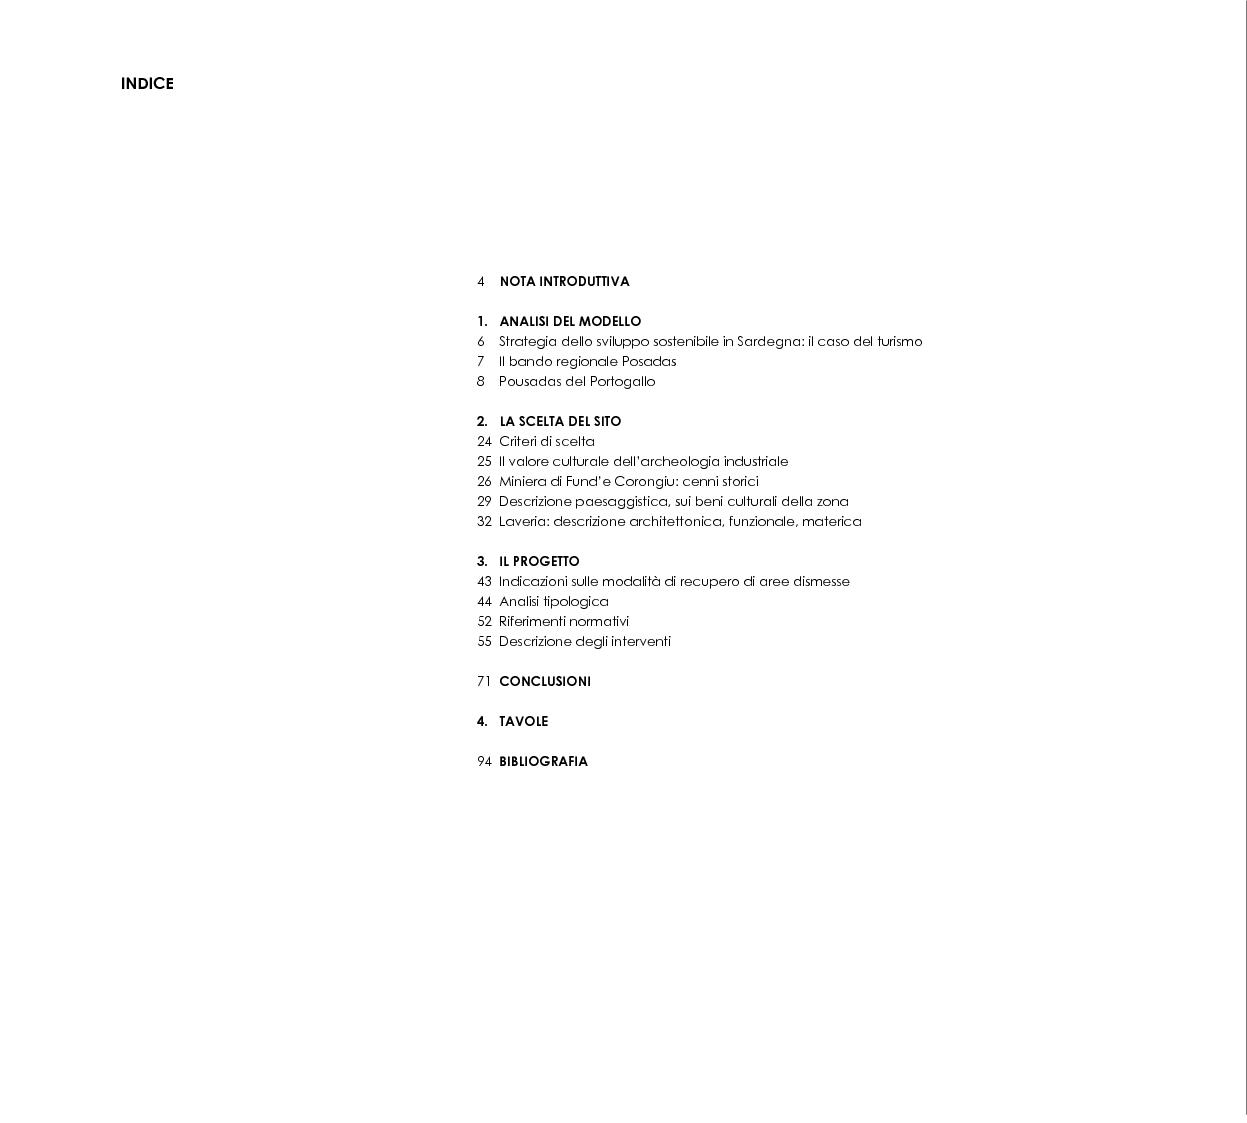 Indice della tesi: Progetto di recupero e riuso dell'archeologia industriale: una ''posada'' nella laveria di antracite di Seui, Pagina 1